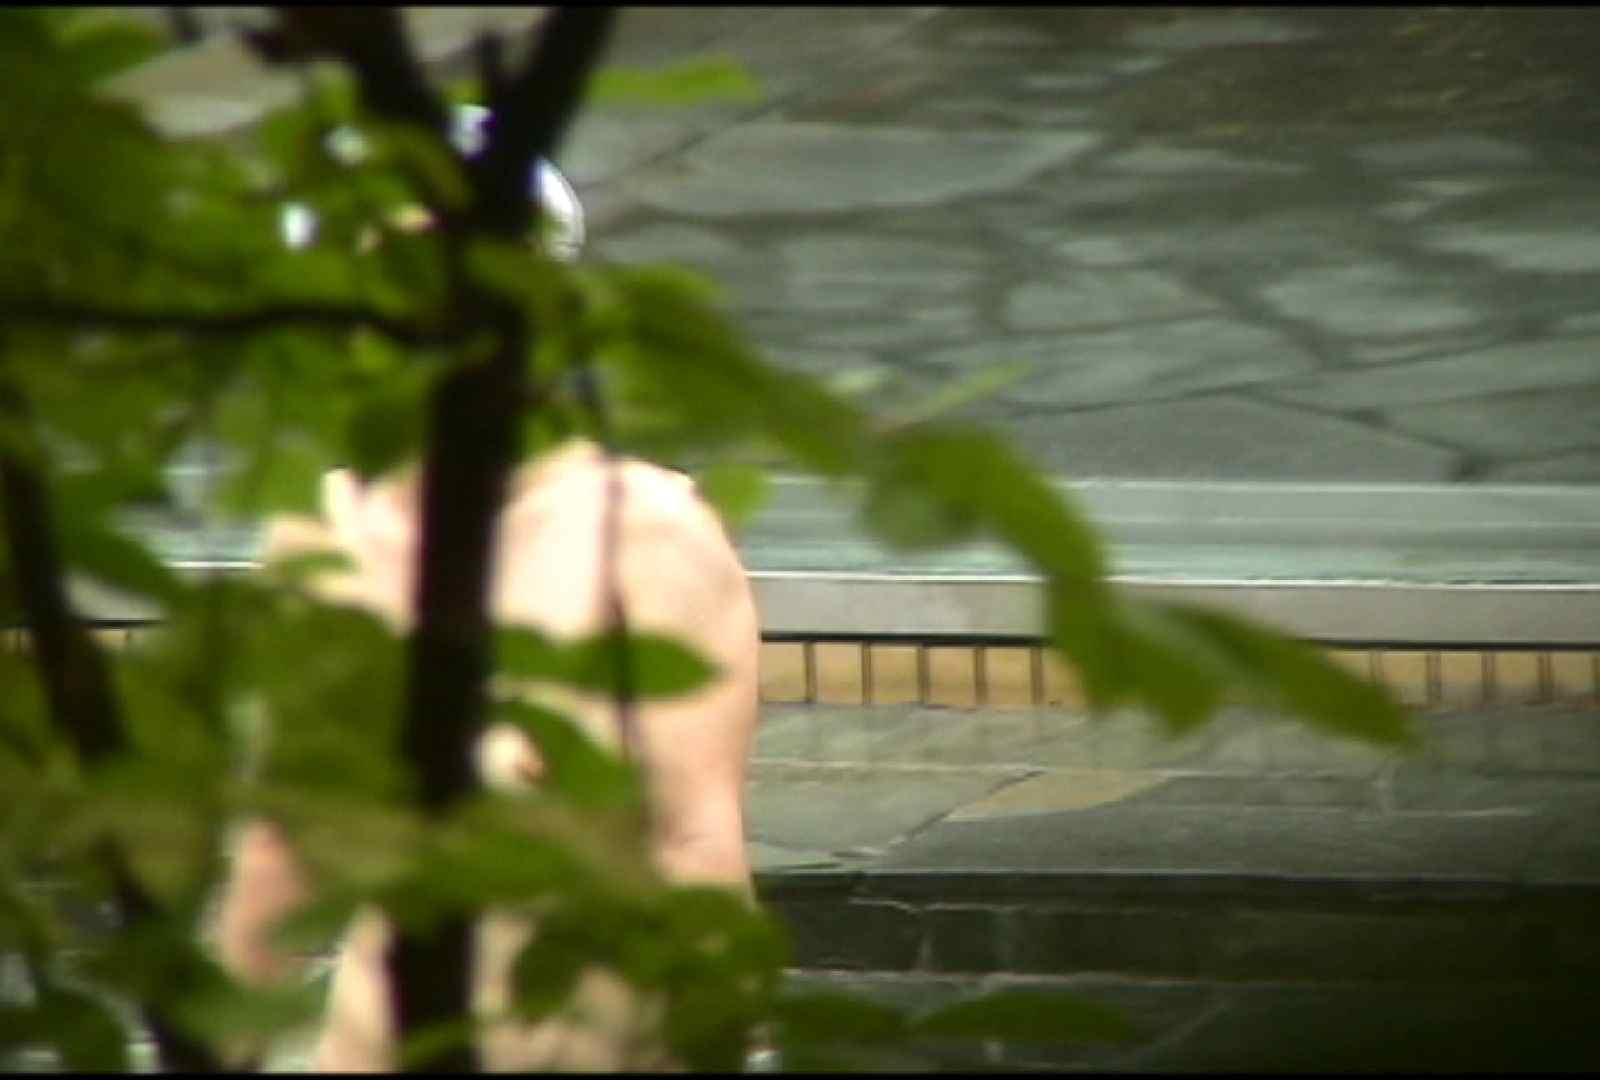 Aquaな露天風呂Vol.699 美しいOLの裸体  101pic 90